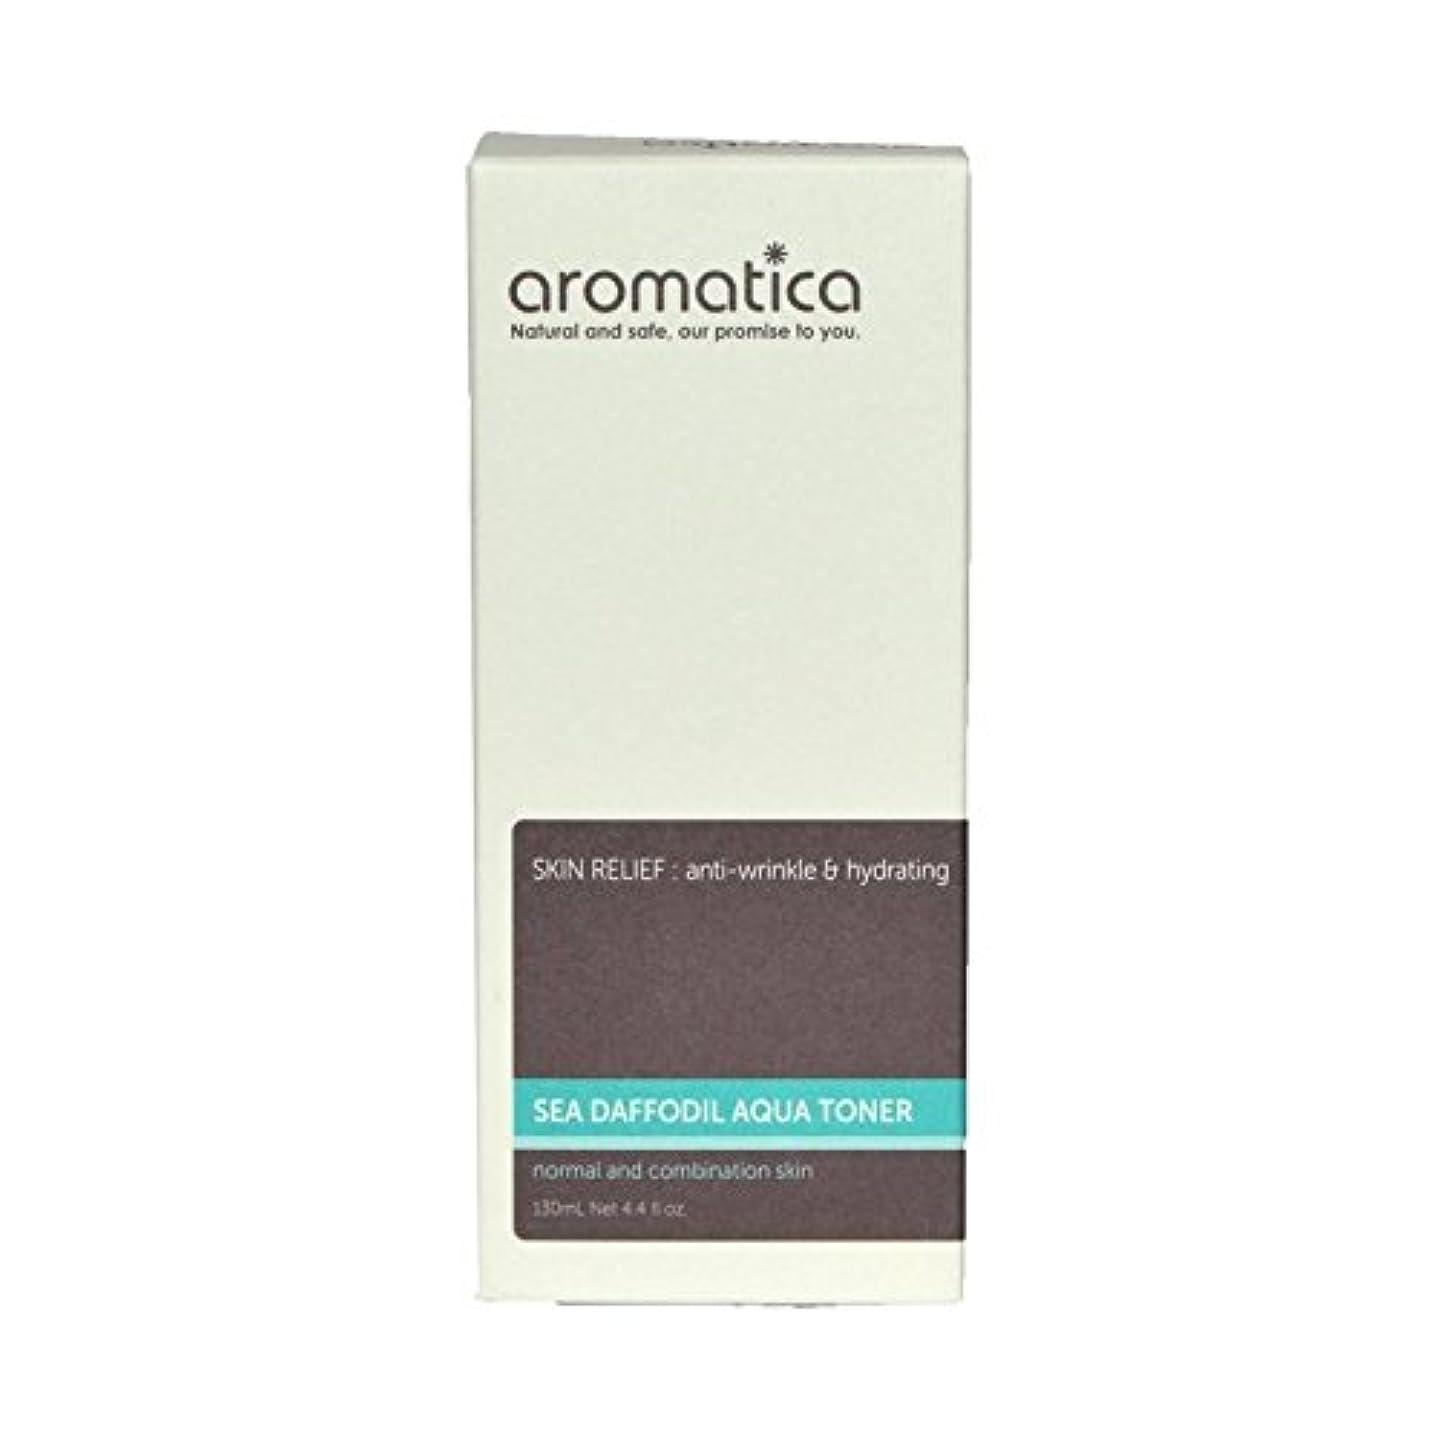 靴下会計部海スイセンアクアトナー130ミリリットル x4 - aromatica Sea Daffodil Aqua Toner 130ml (Pack of 4) [並行輸入品]